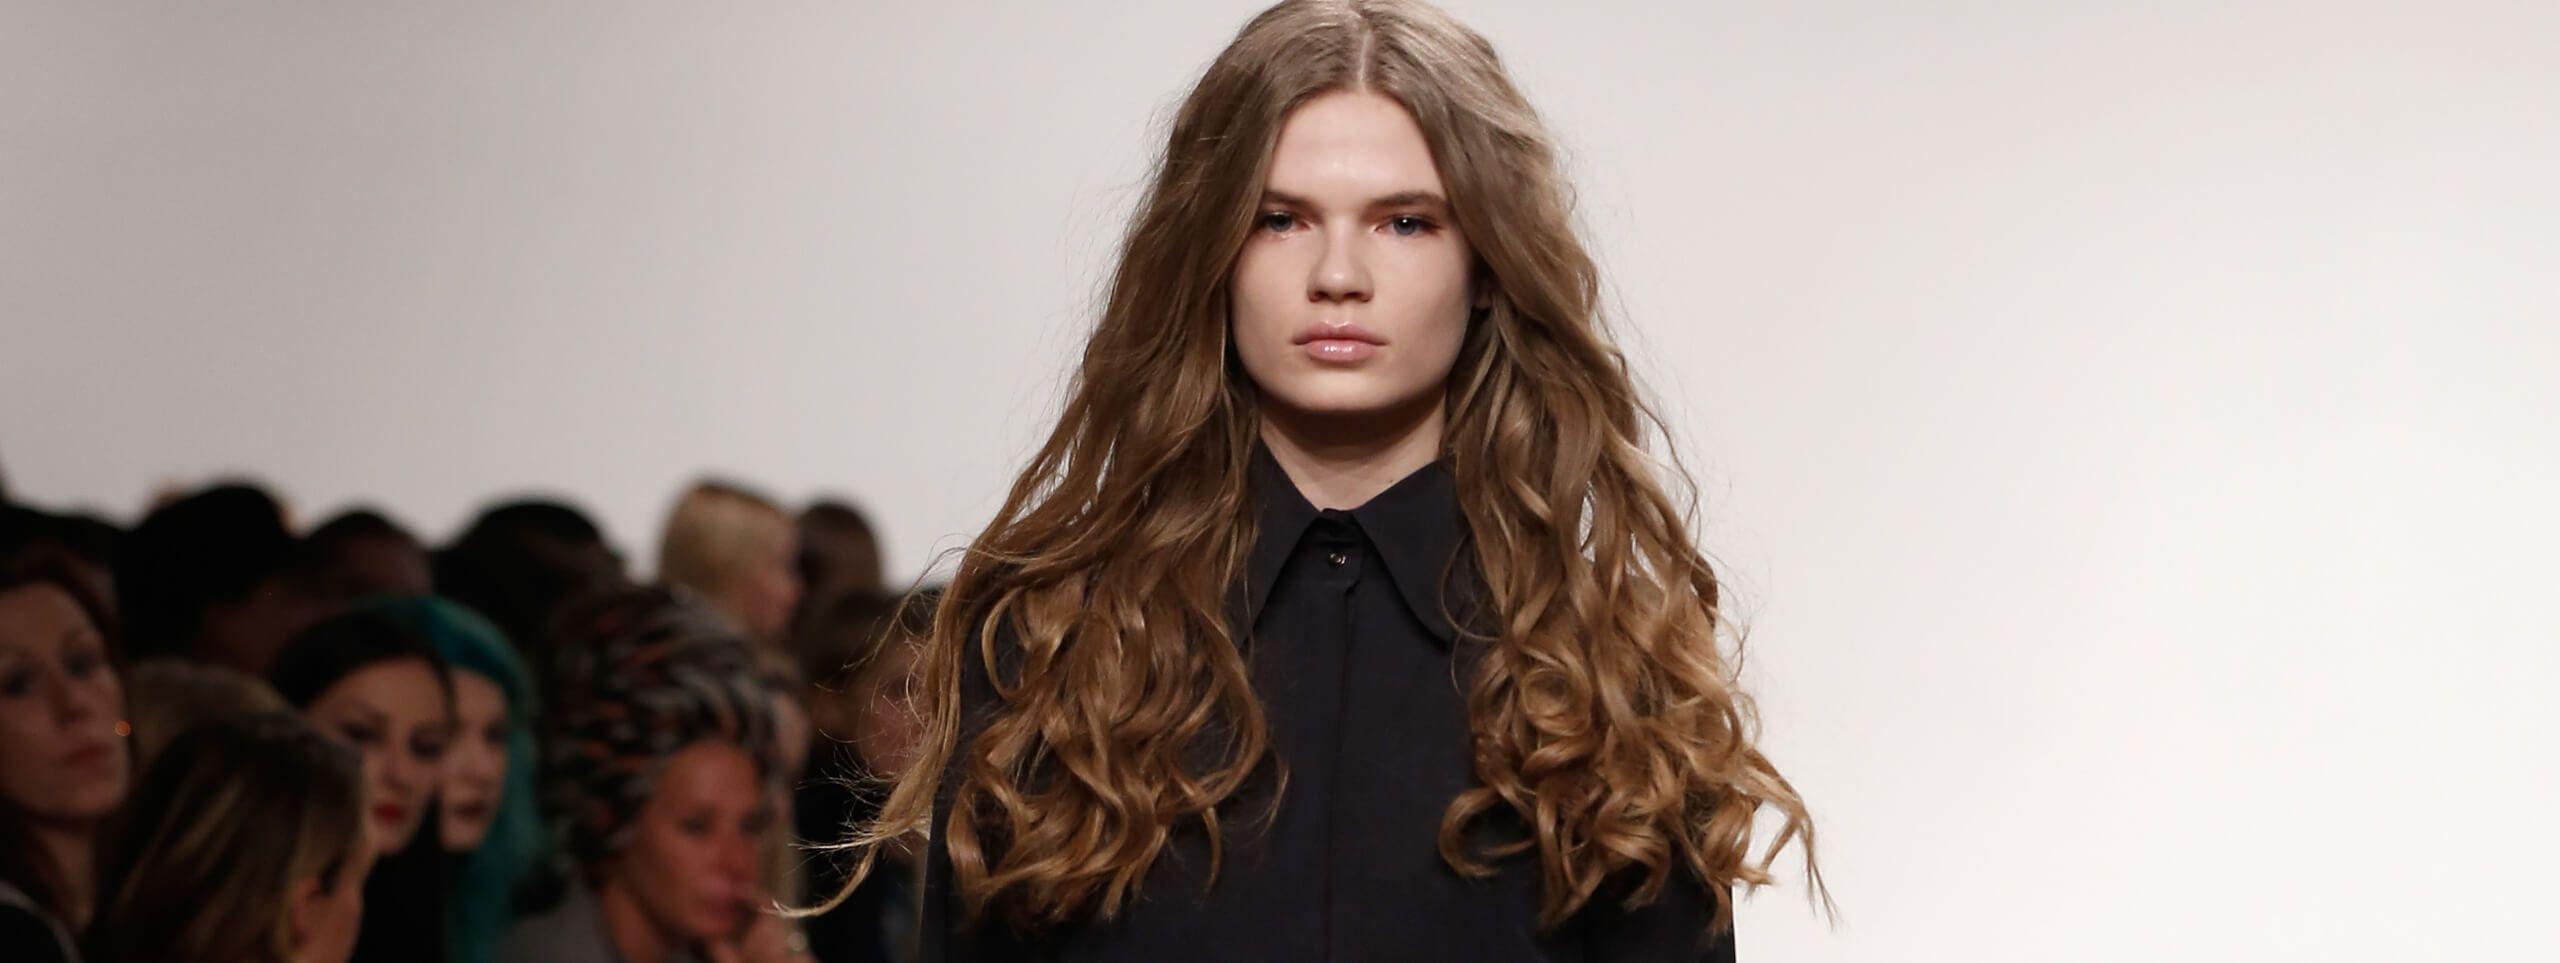 Modelka z długimi kręconymi włosami